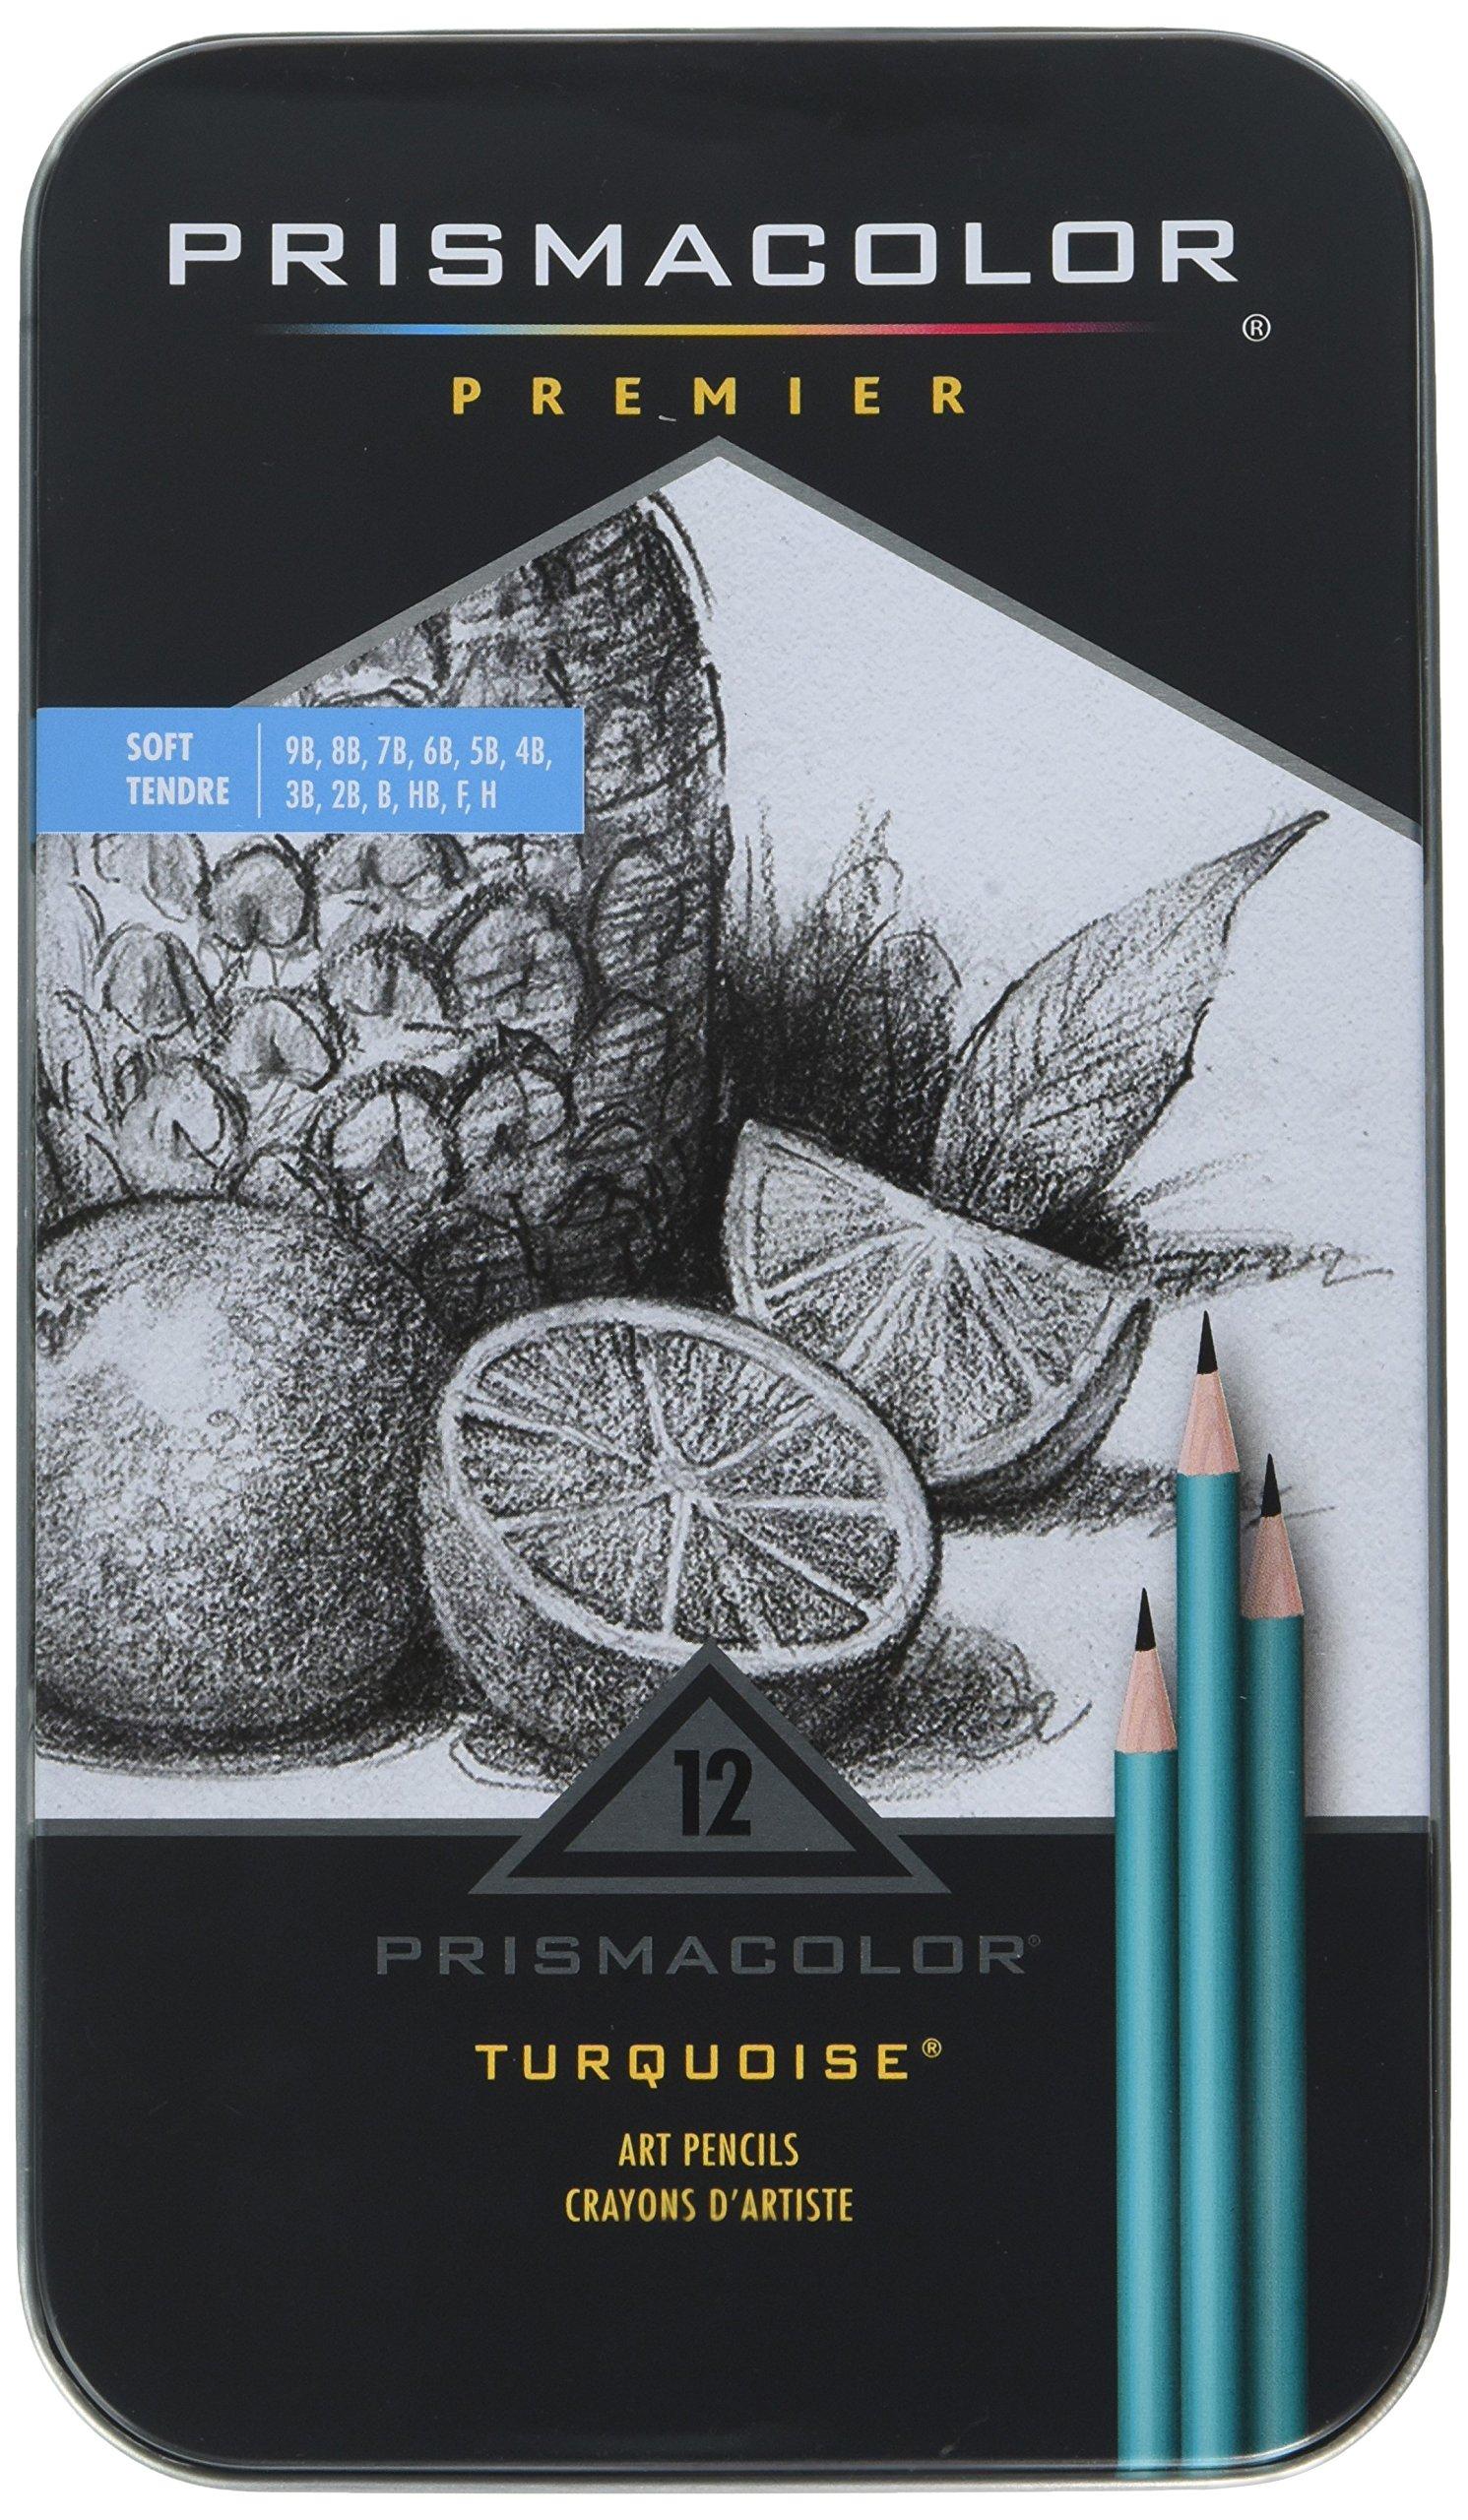 Prismacolor - Premier Turquoise Soft Grade Graphite Pencils,Art Pencils,(1-Pack of 12)